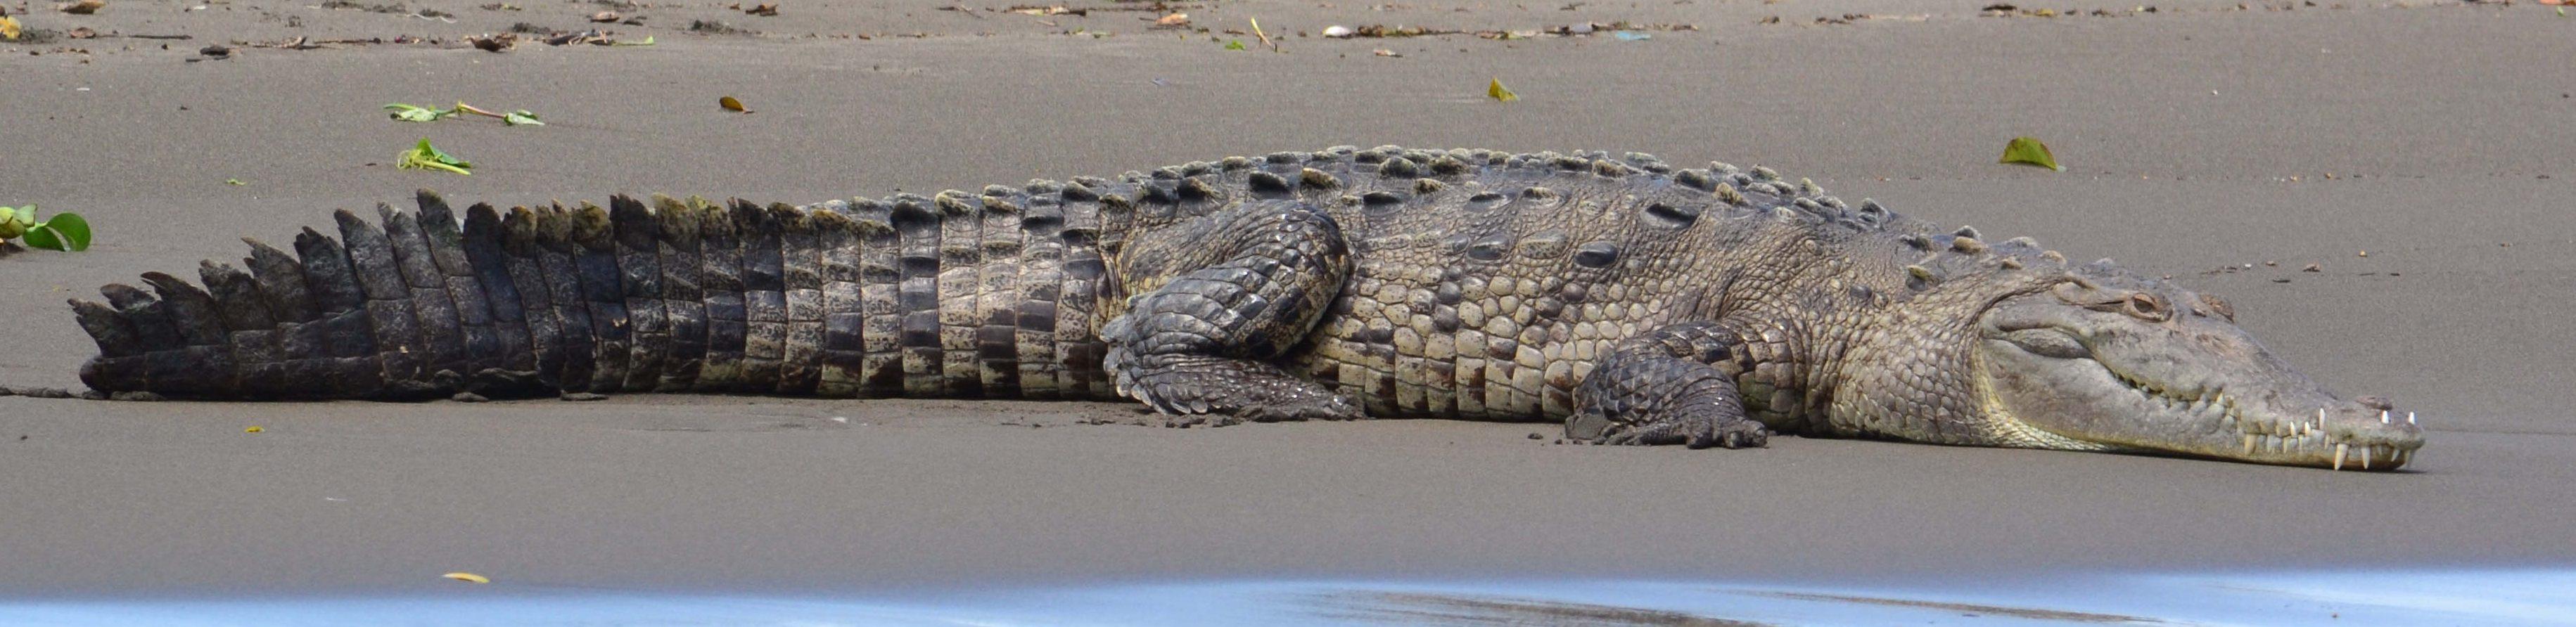 crocodile parc national de palo verde costa rica voyage agence de voyage